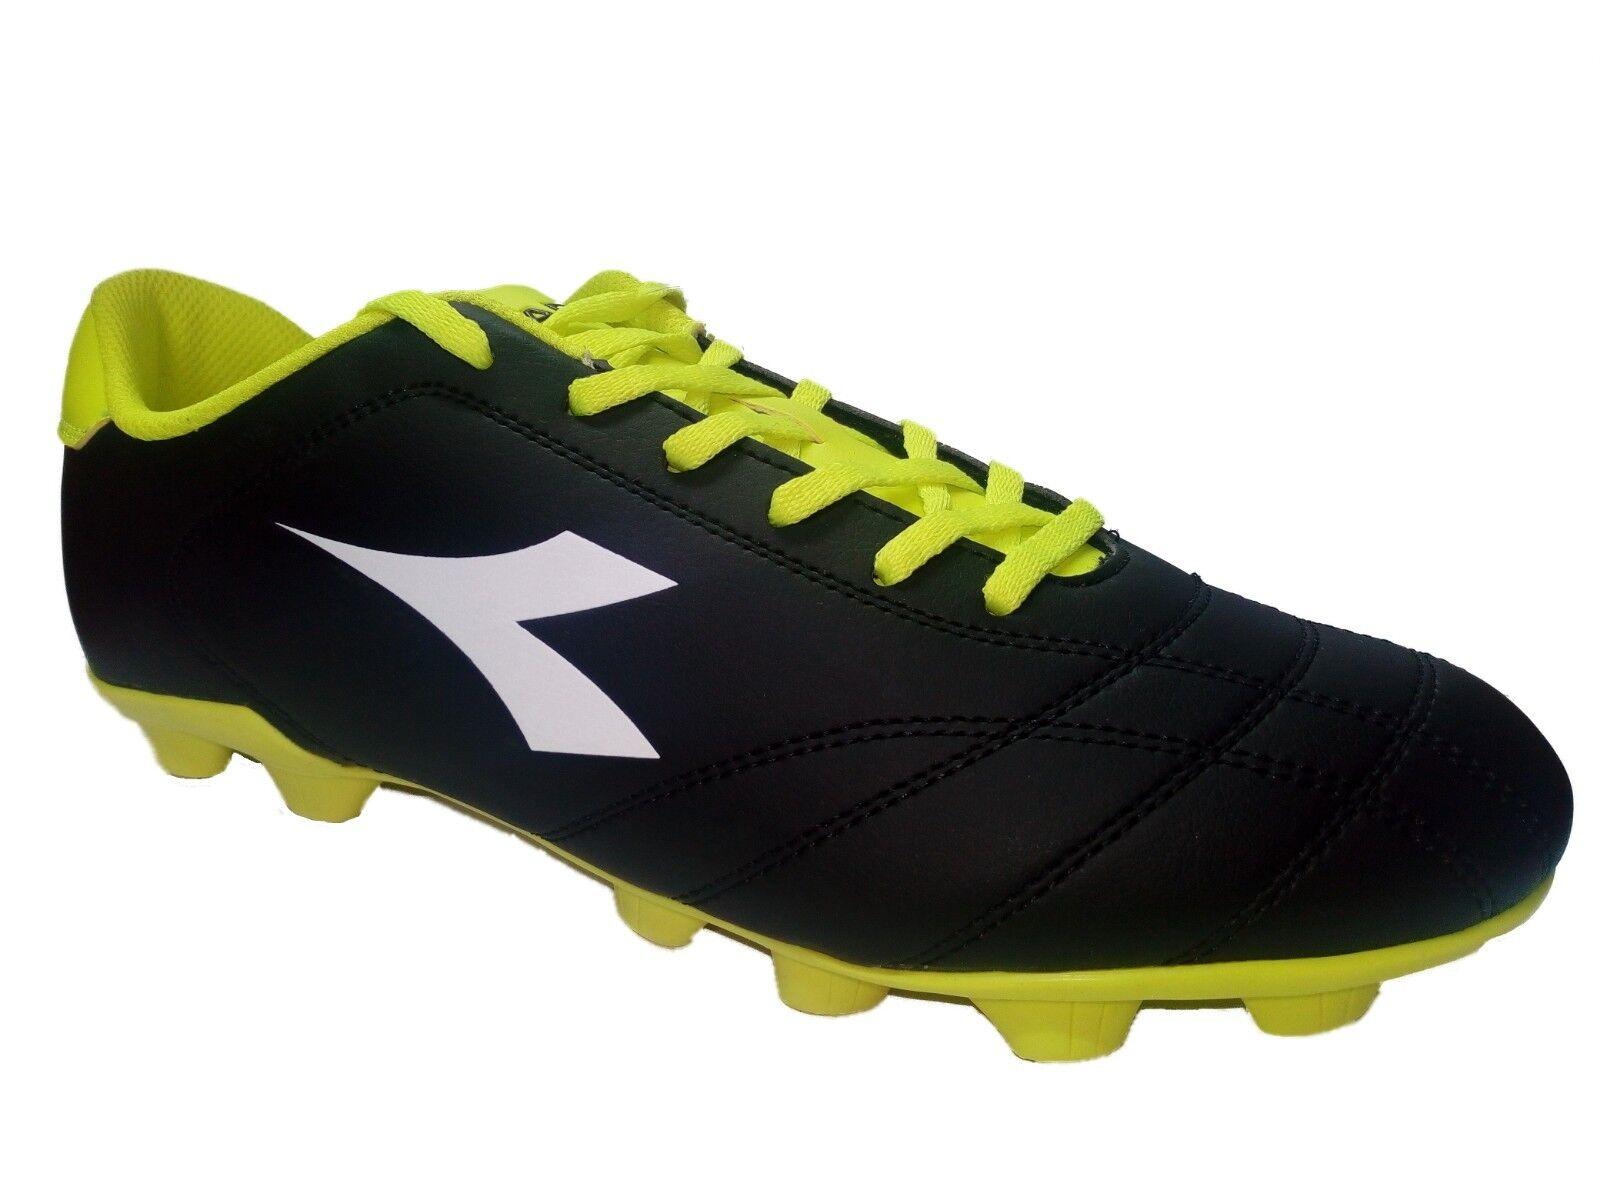 Schuhe UOMO DIADORA CALCIO DIADORA UOMO 6PLAY MD IN PELLE NERO tg 40 cm 25 10b99d